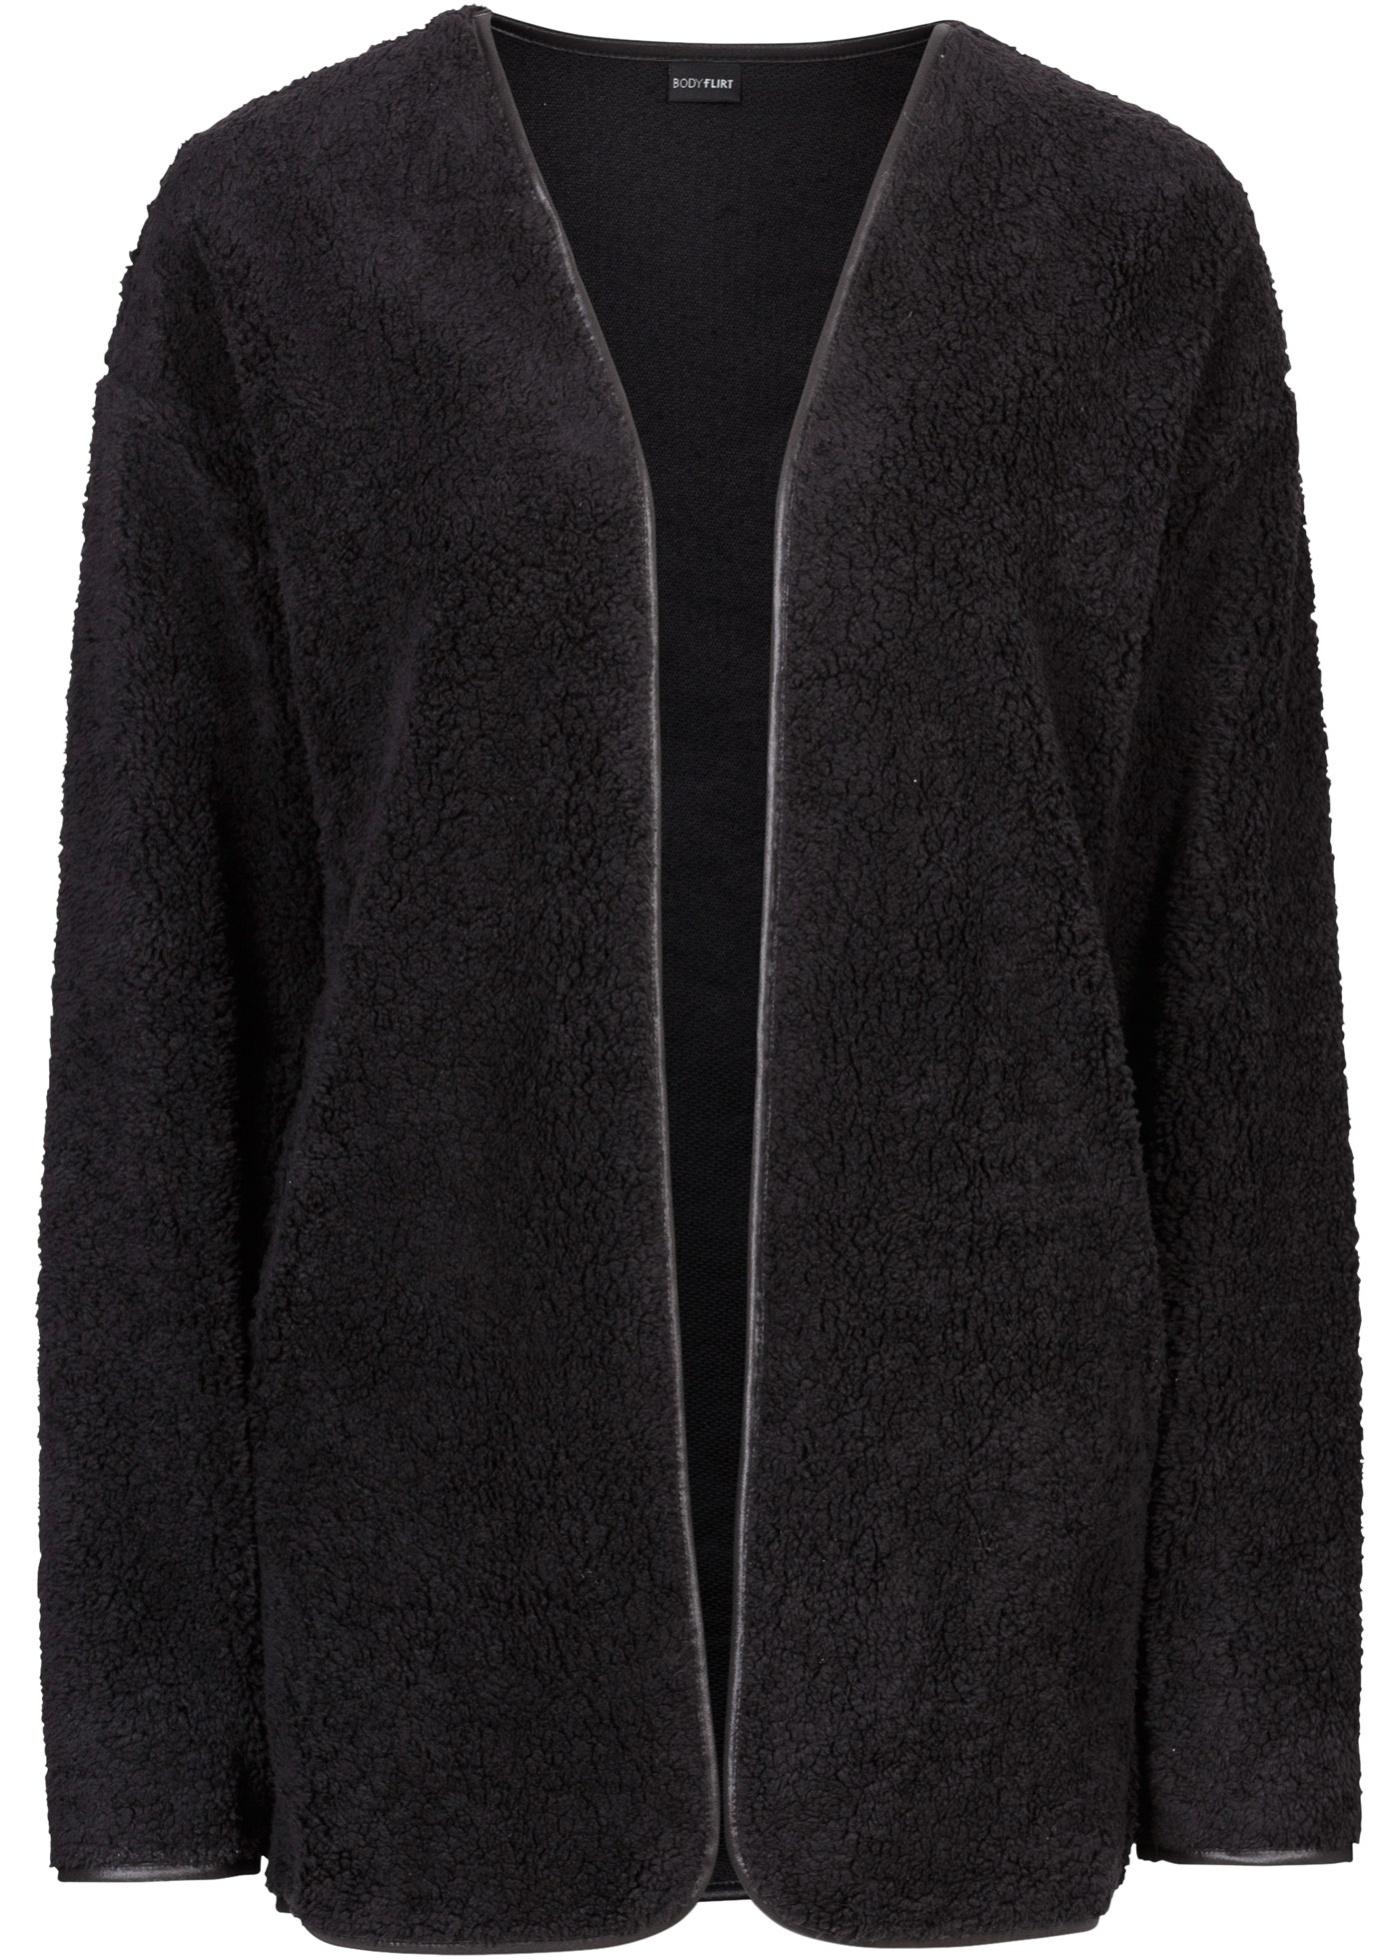 Bodyflirt Minnie Mouse Teddyfell-Jacke langarm  in schwarz für Damen von bonprix